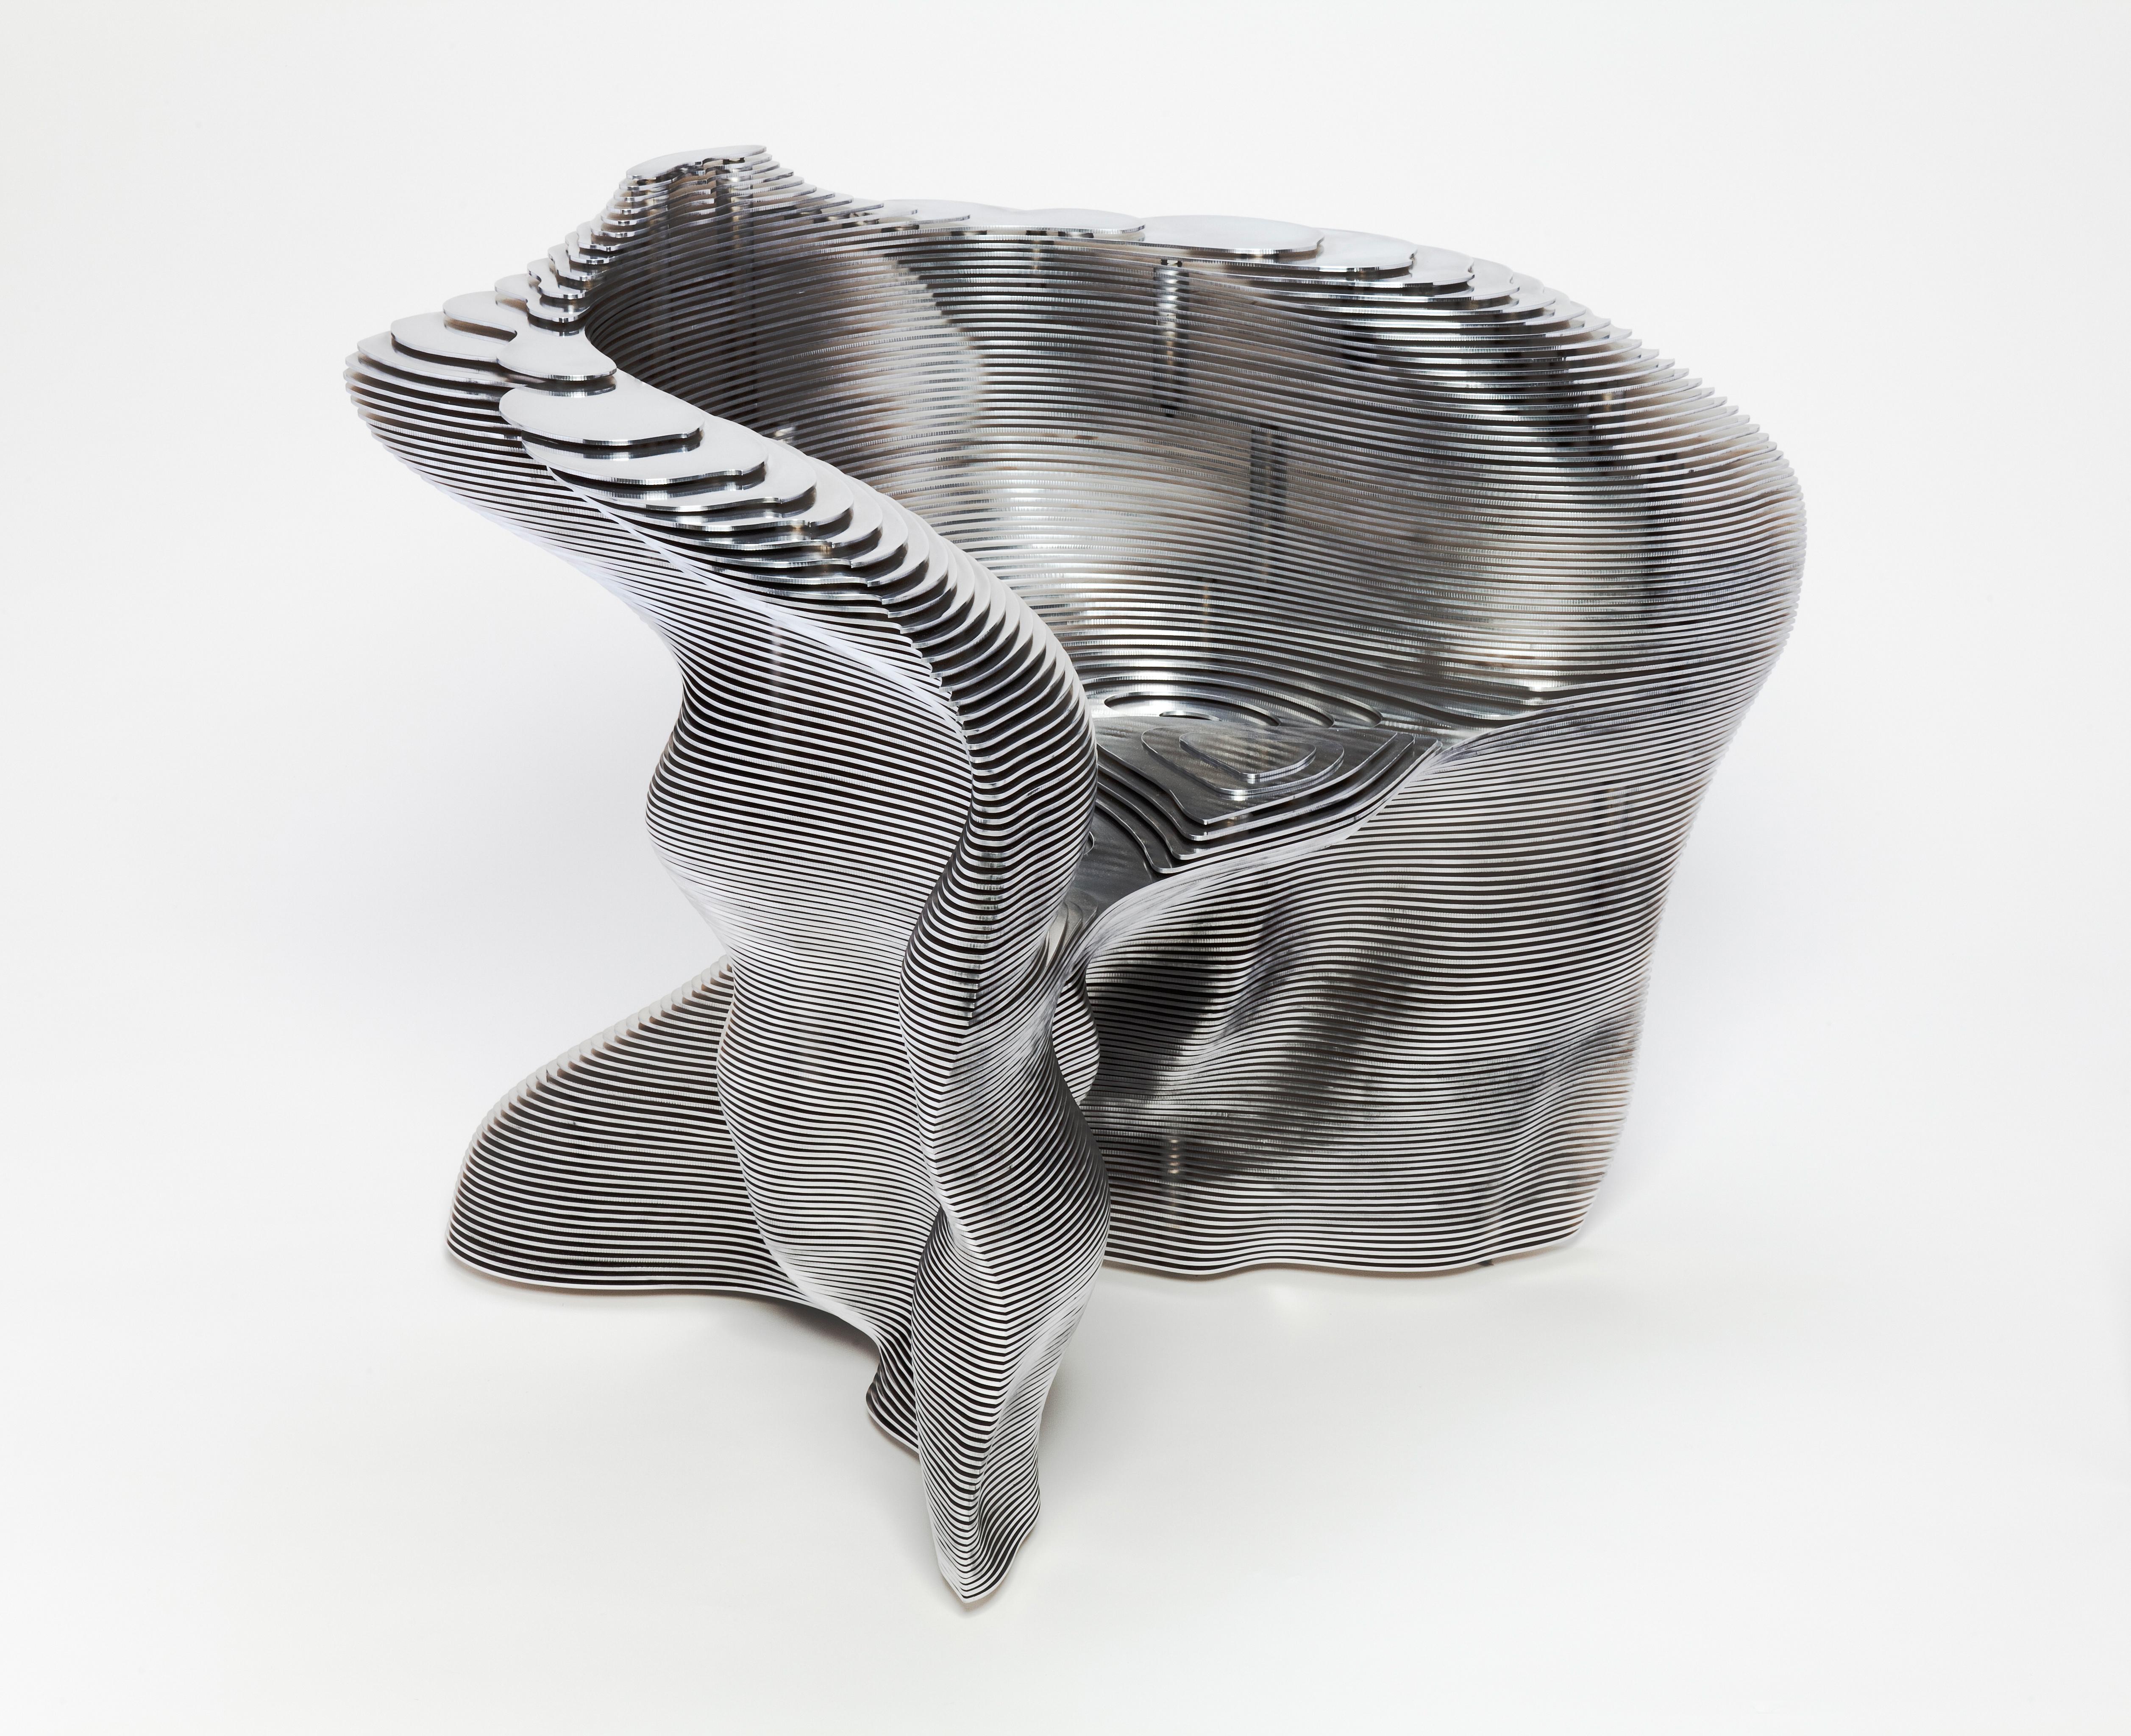 Mathias Bengtsson (Danish, b. 1971) Slice Chair, 1999 Aluminum 29 1/2 x 35 x 29 in. (74.93 x 88.9 x 73.66 cm) Gift of Friends of Art M2011.11 Photo credit John R. Glembin © Mathias Bengtsson, Courtesy of Industry Gallery